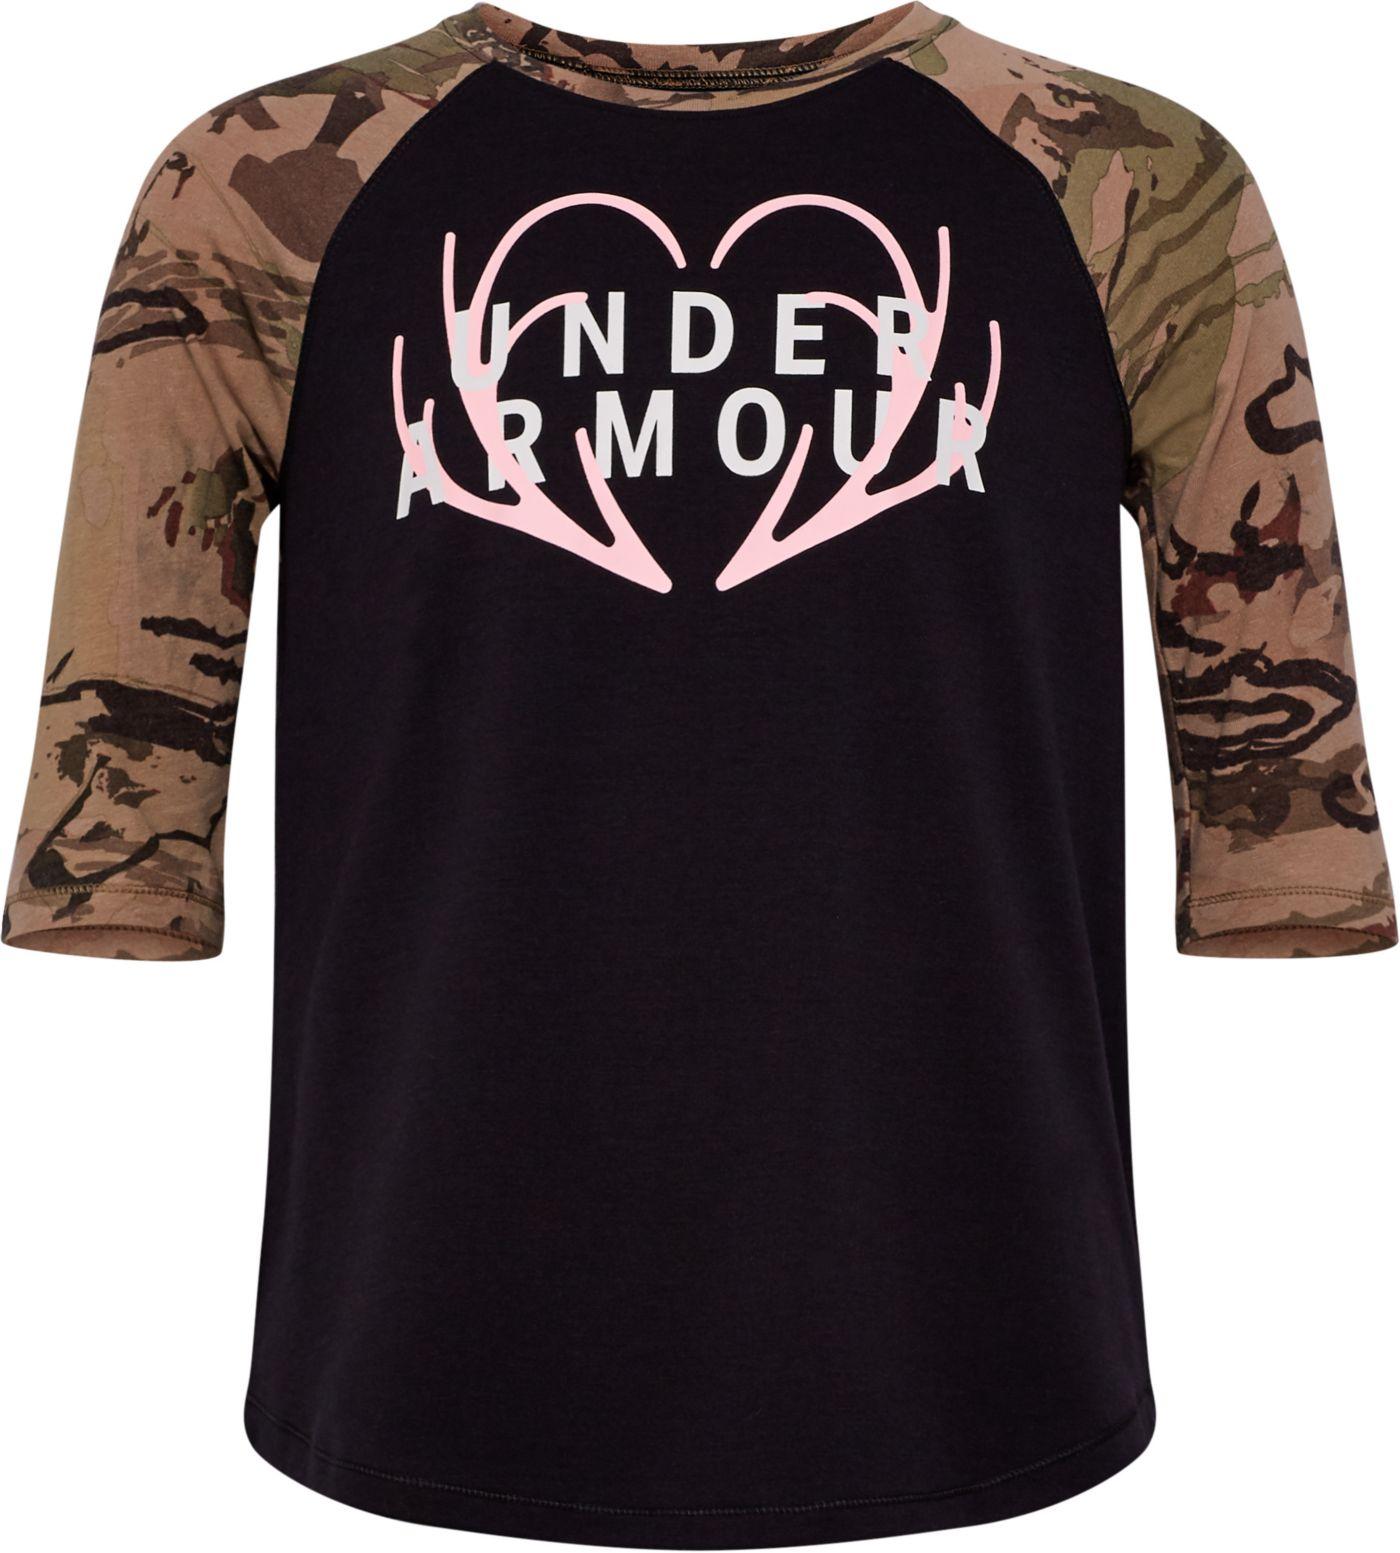 Under Armour Girls' Heart Logo 3/4 Length T-Shirt